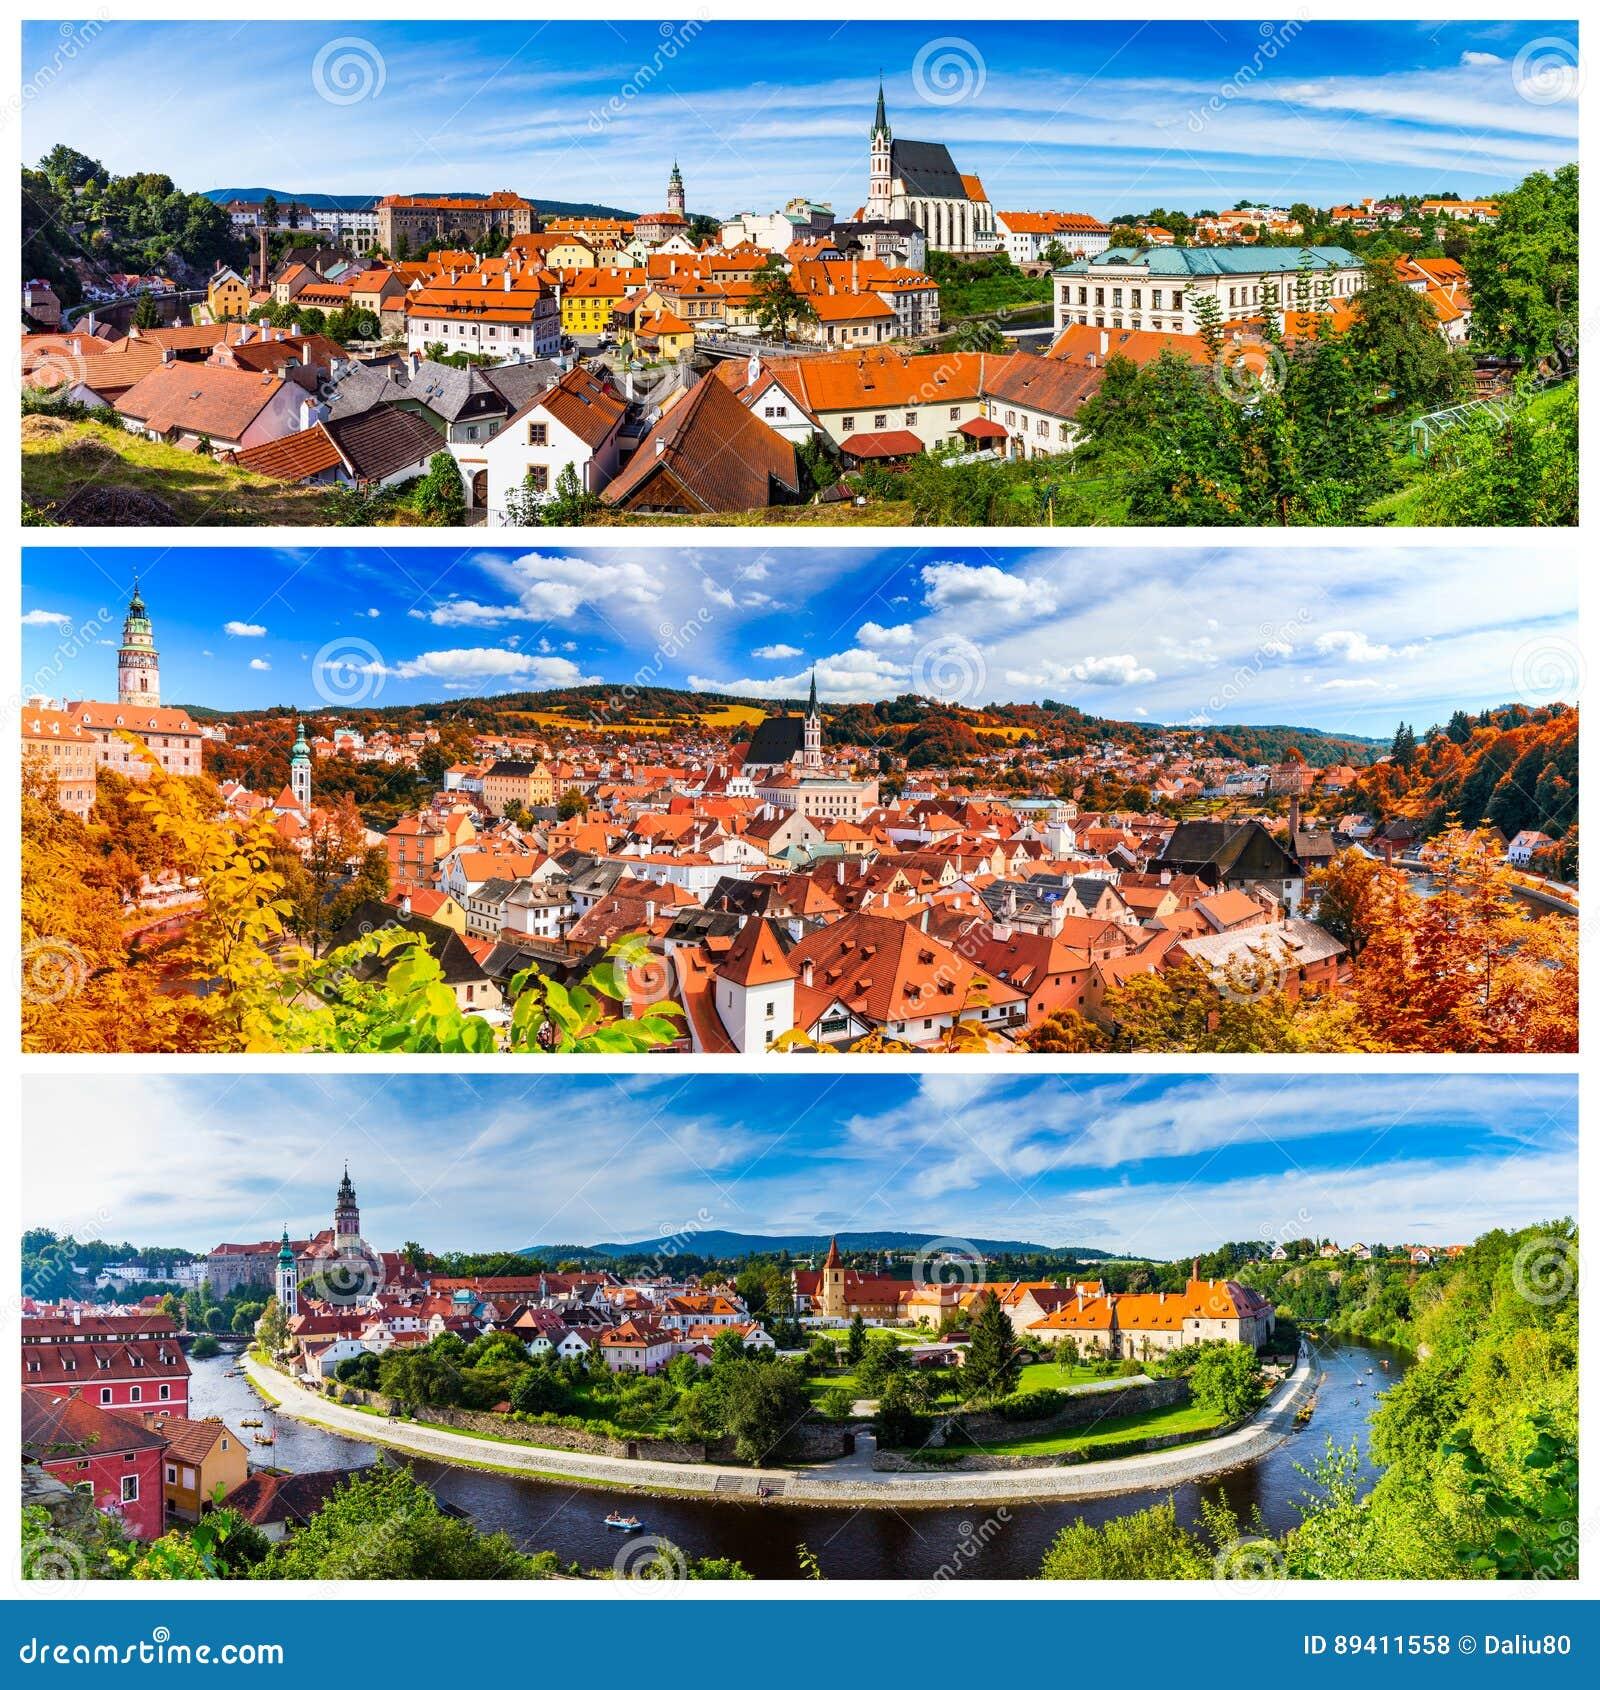 Colagem de fotos de Cesky Krumlov em Czechia